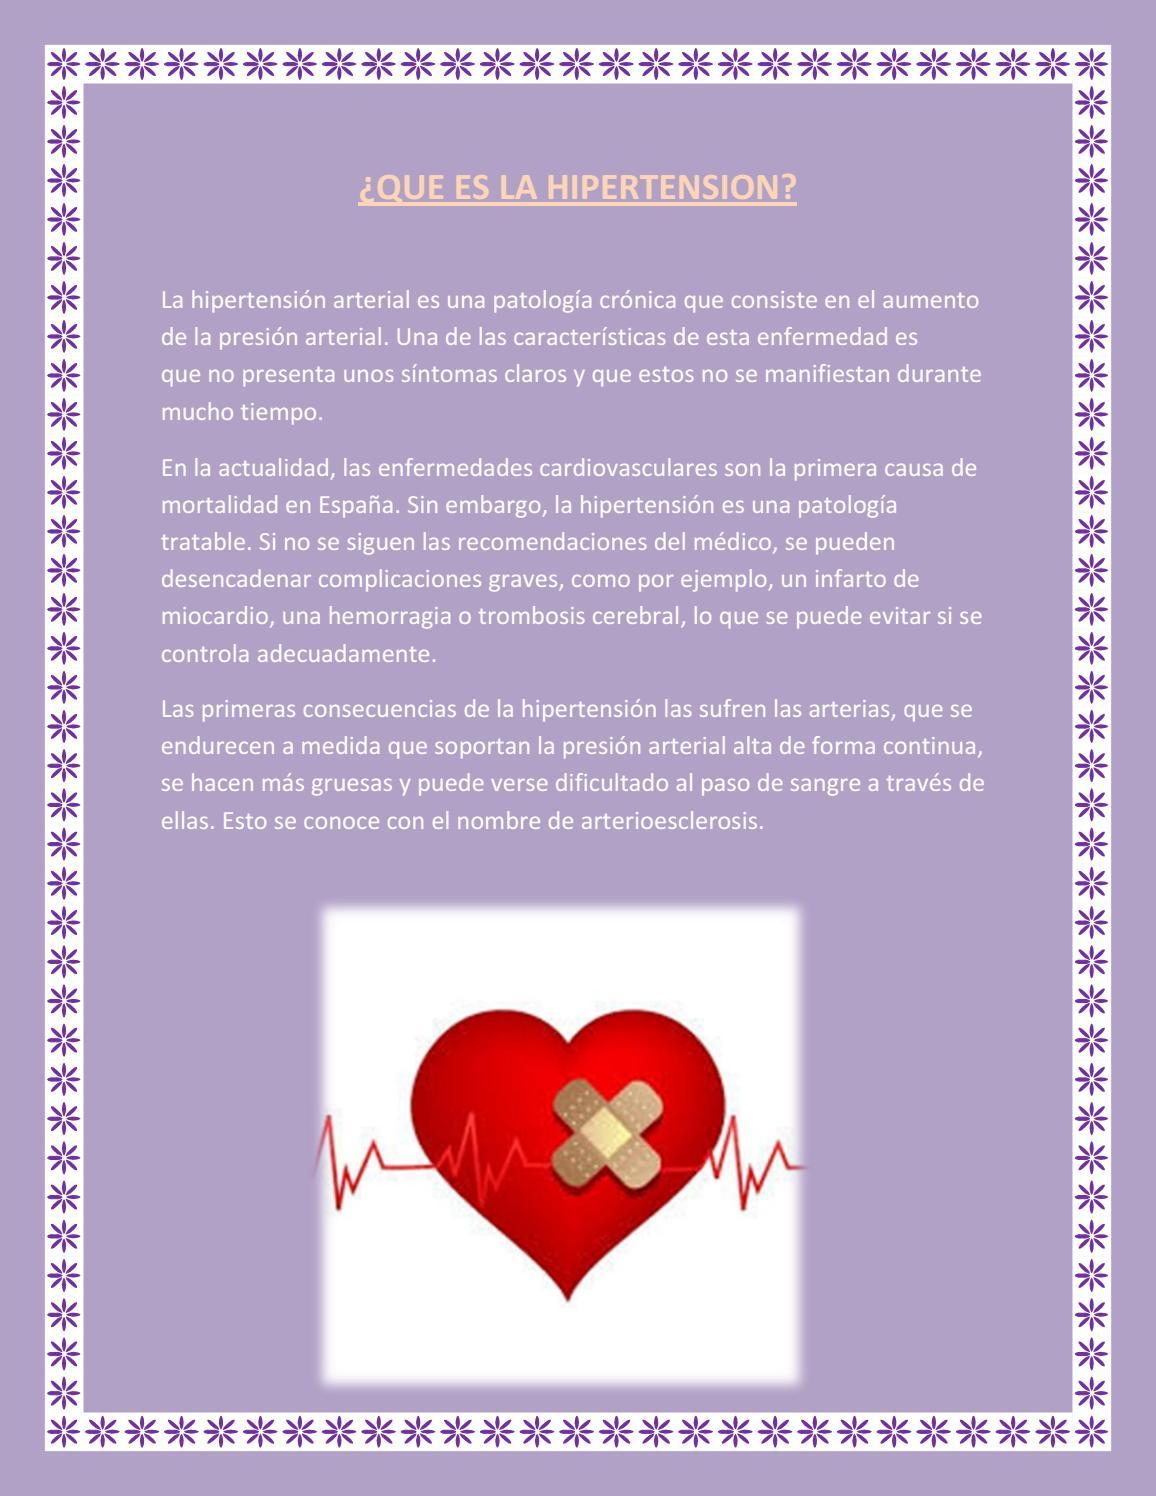 Y hipertension consecuencias sintomas